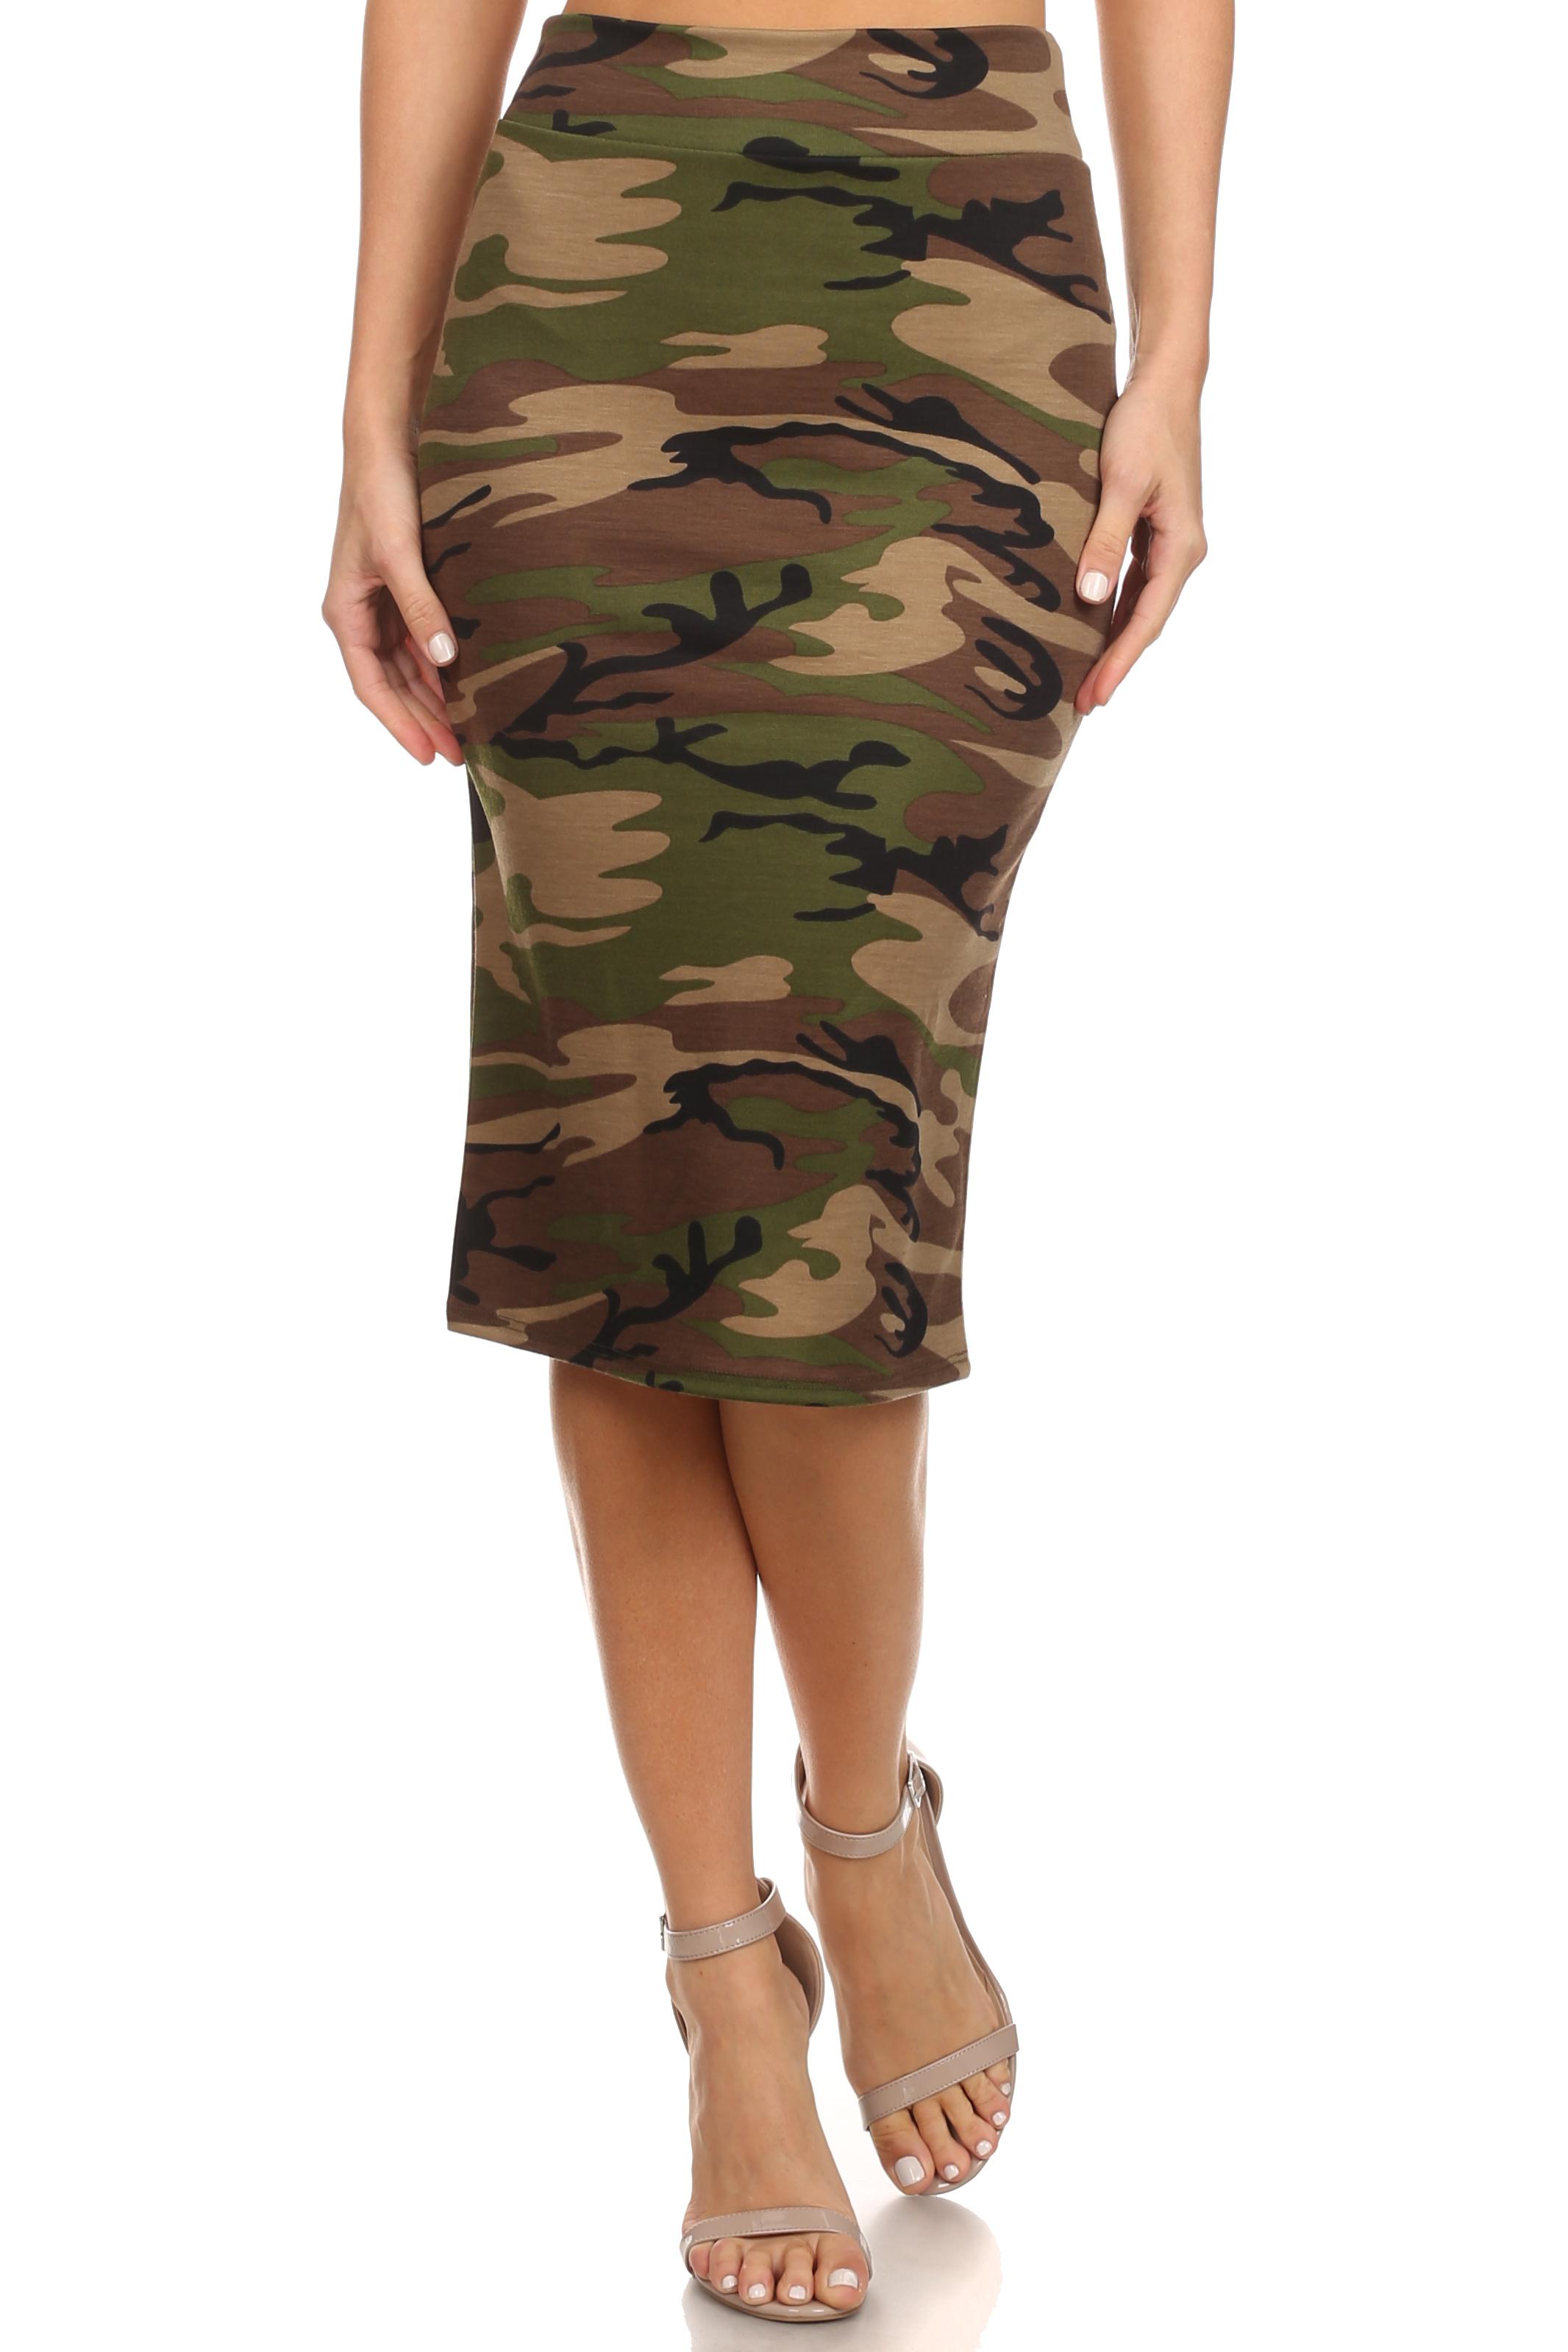 Army Print Below Knee Pencil Skirt